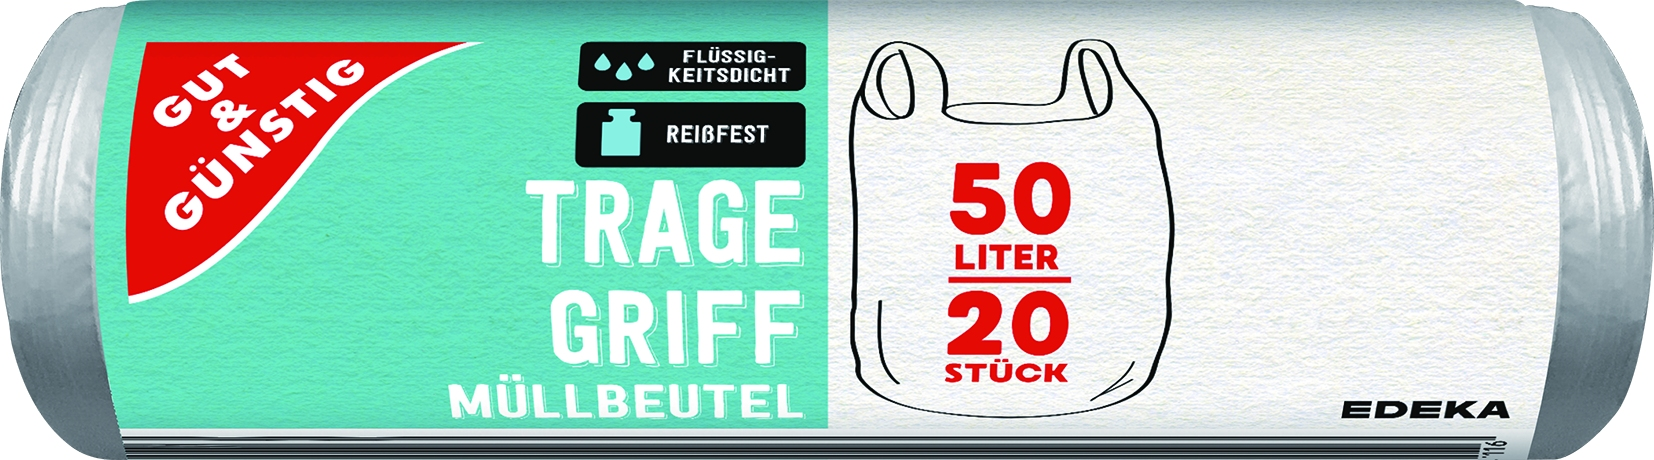 Muellbeutel mit Griff 50Ltr. 20 Stck.